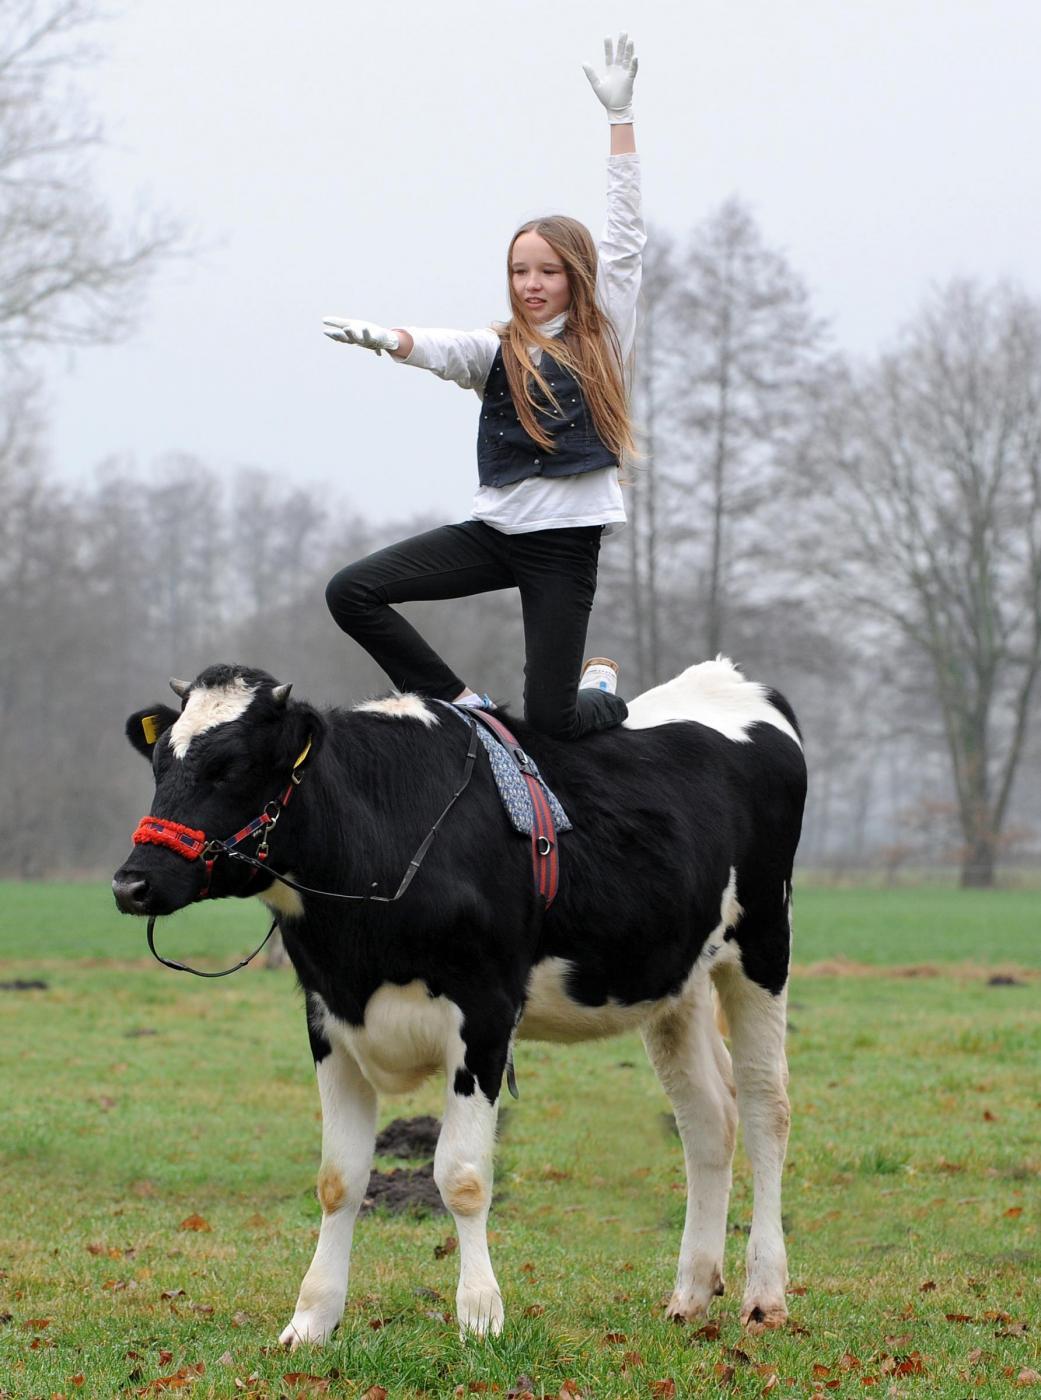 Germania, la ragazzina che a 12 anni cavalca la mucca01